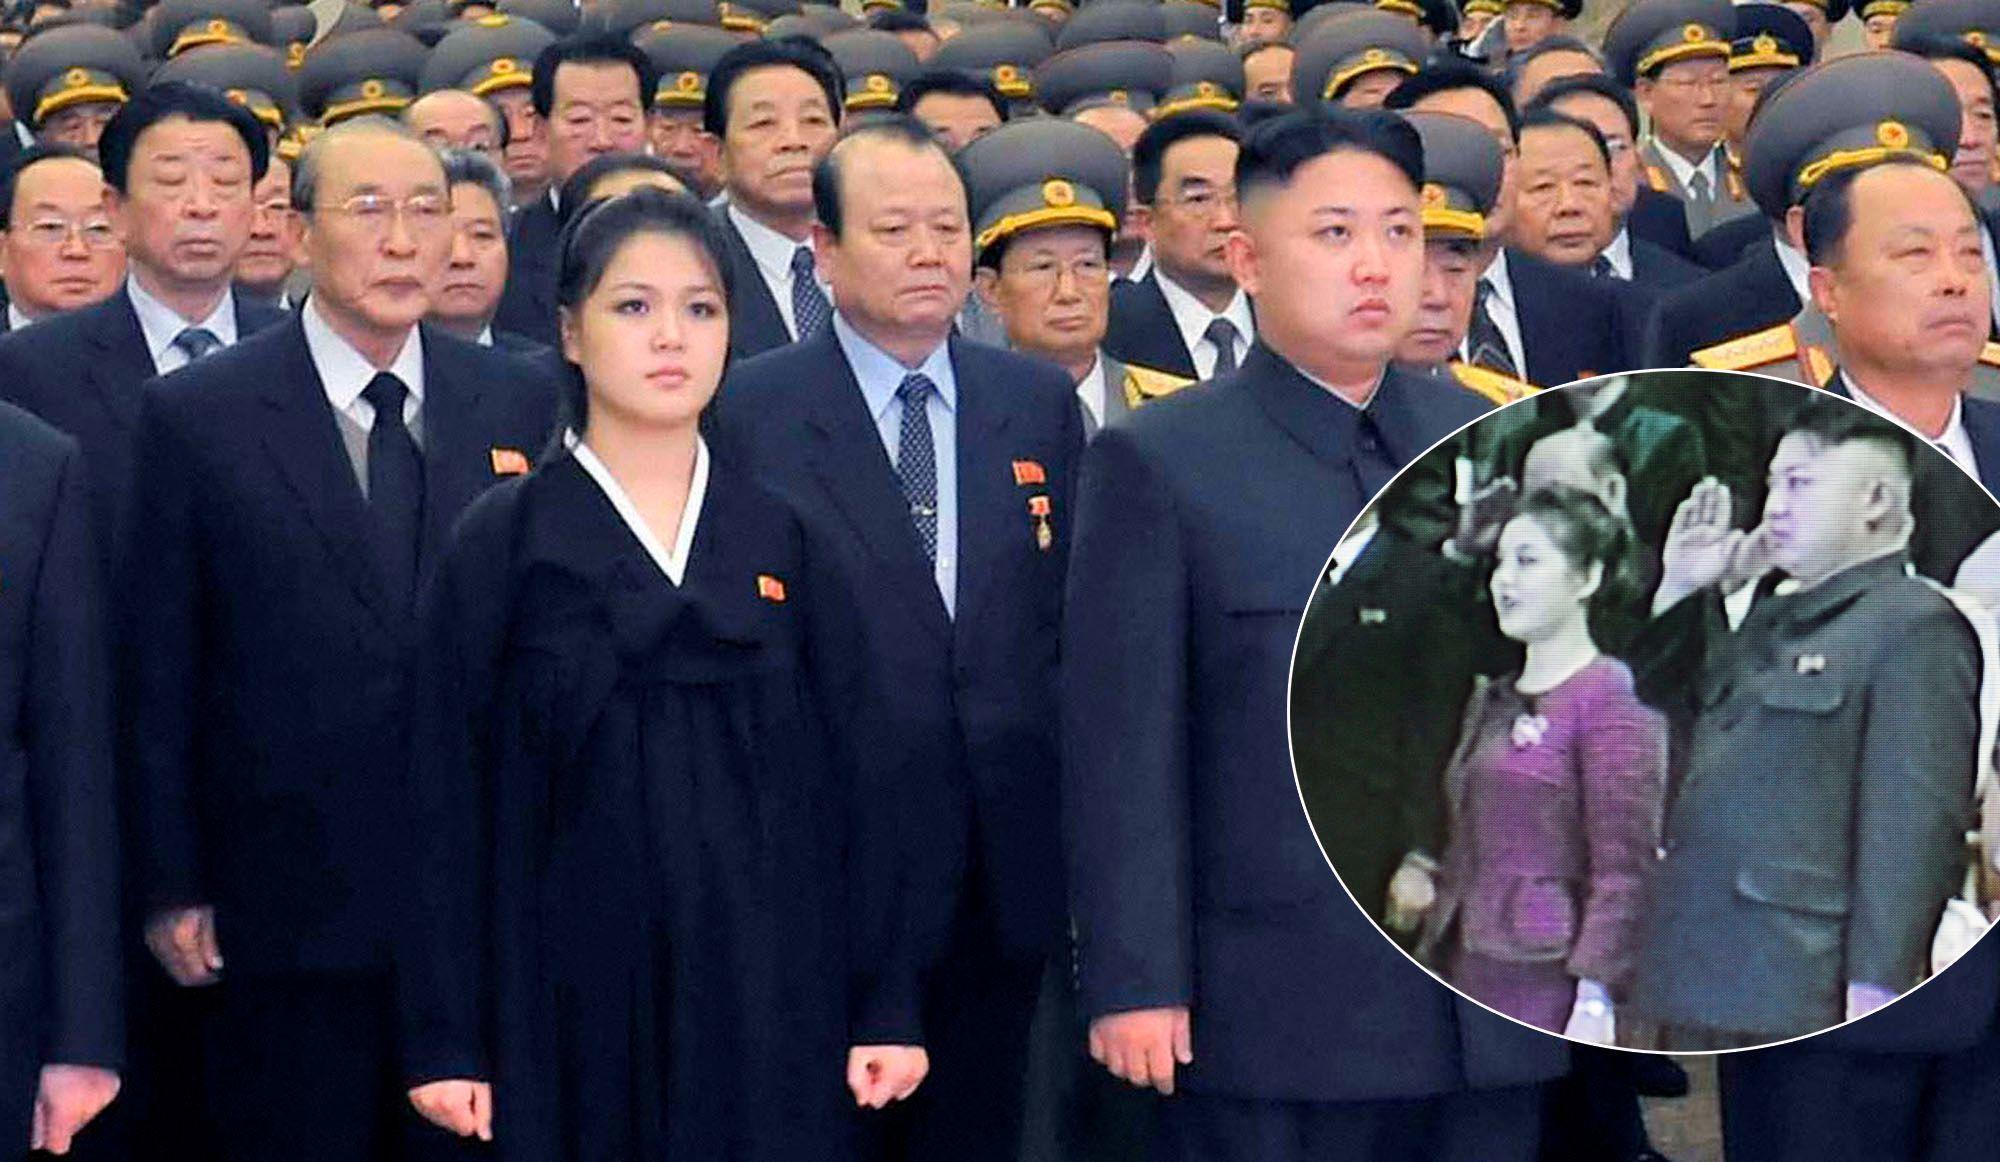 Ce qu'il faut attendre datant d'un homme coréen